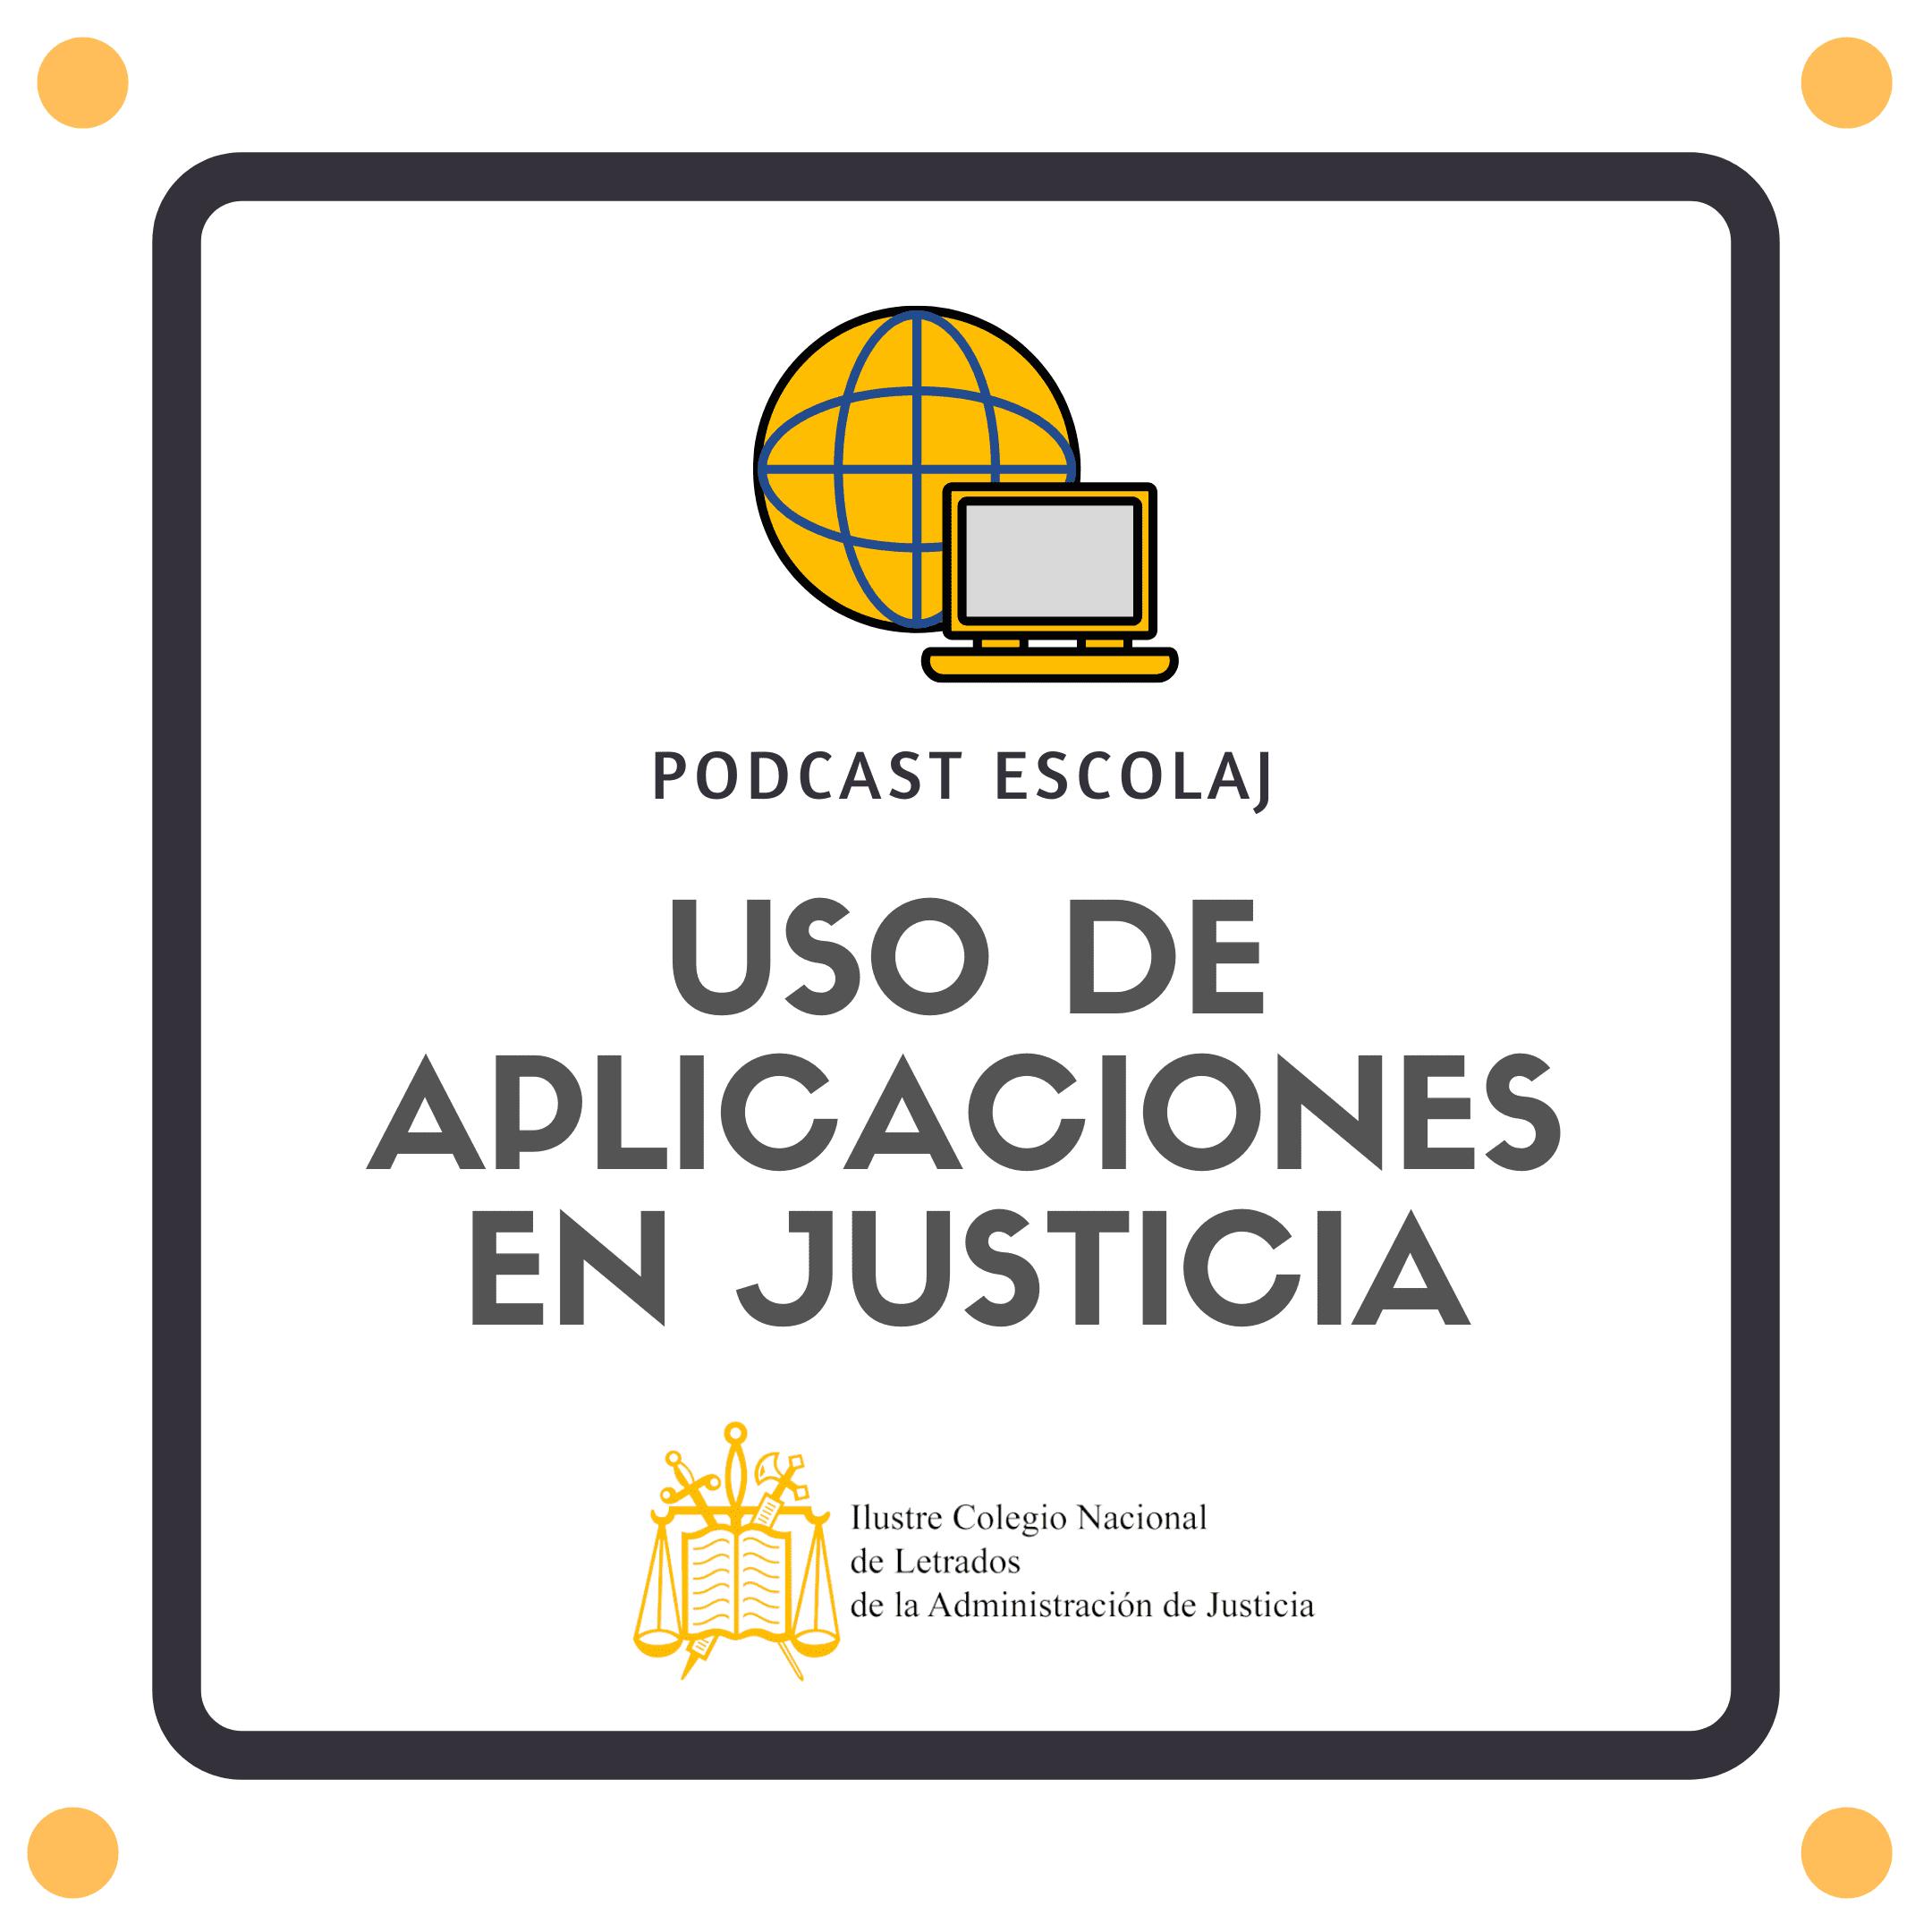 podcast escolaj uso de aplicaciones en justicia